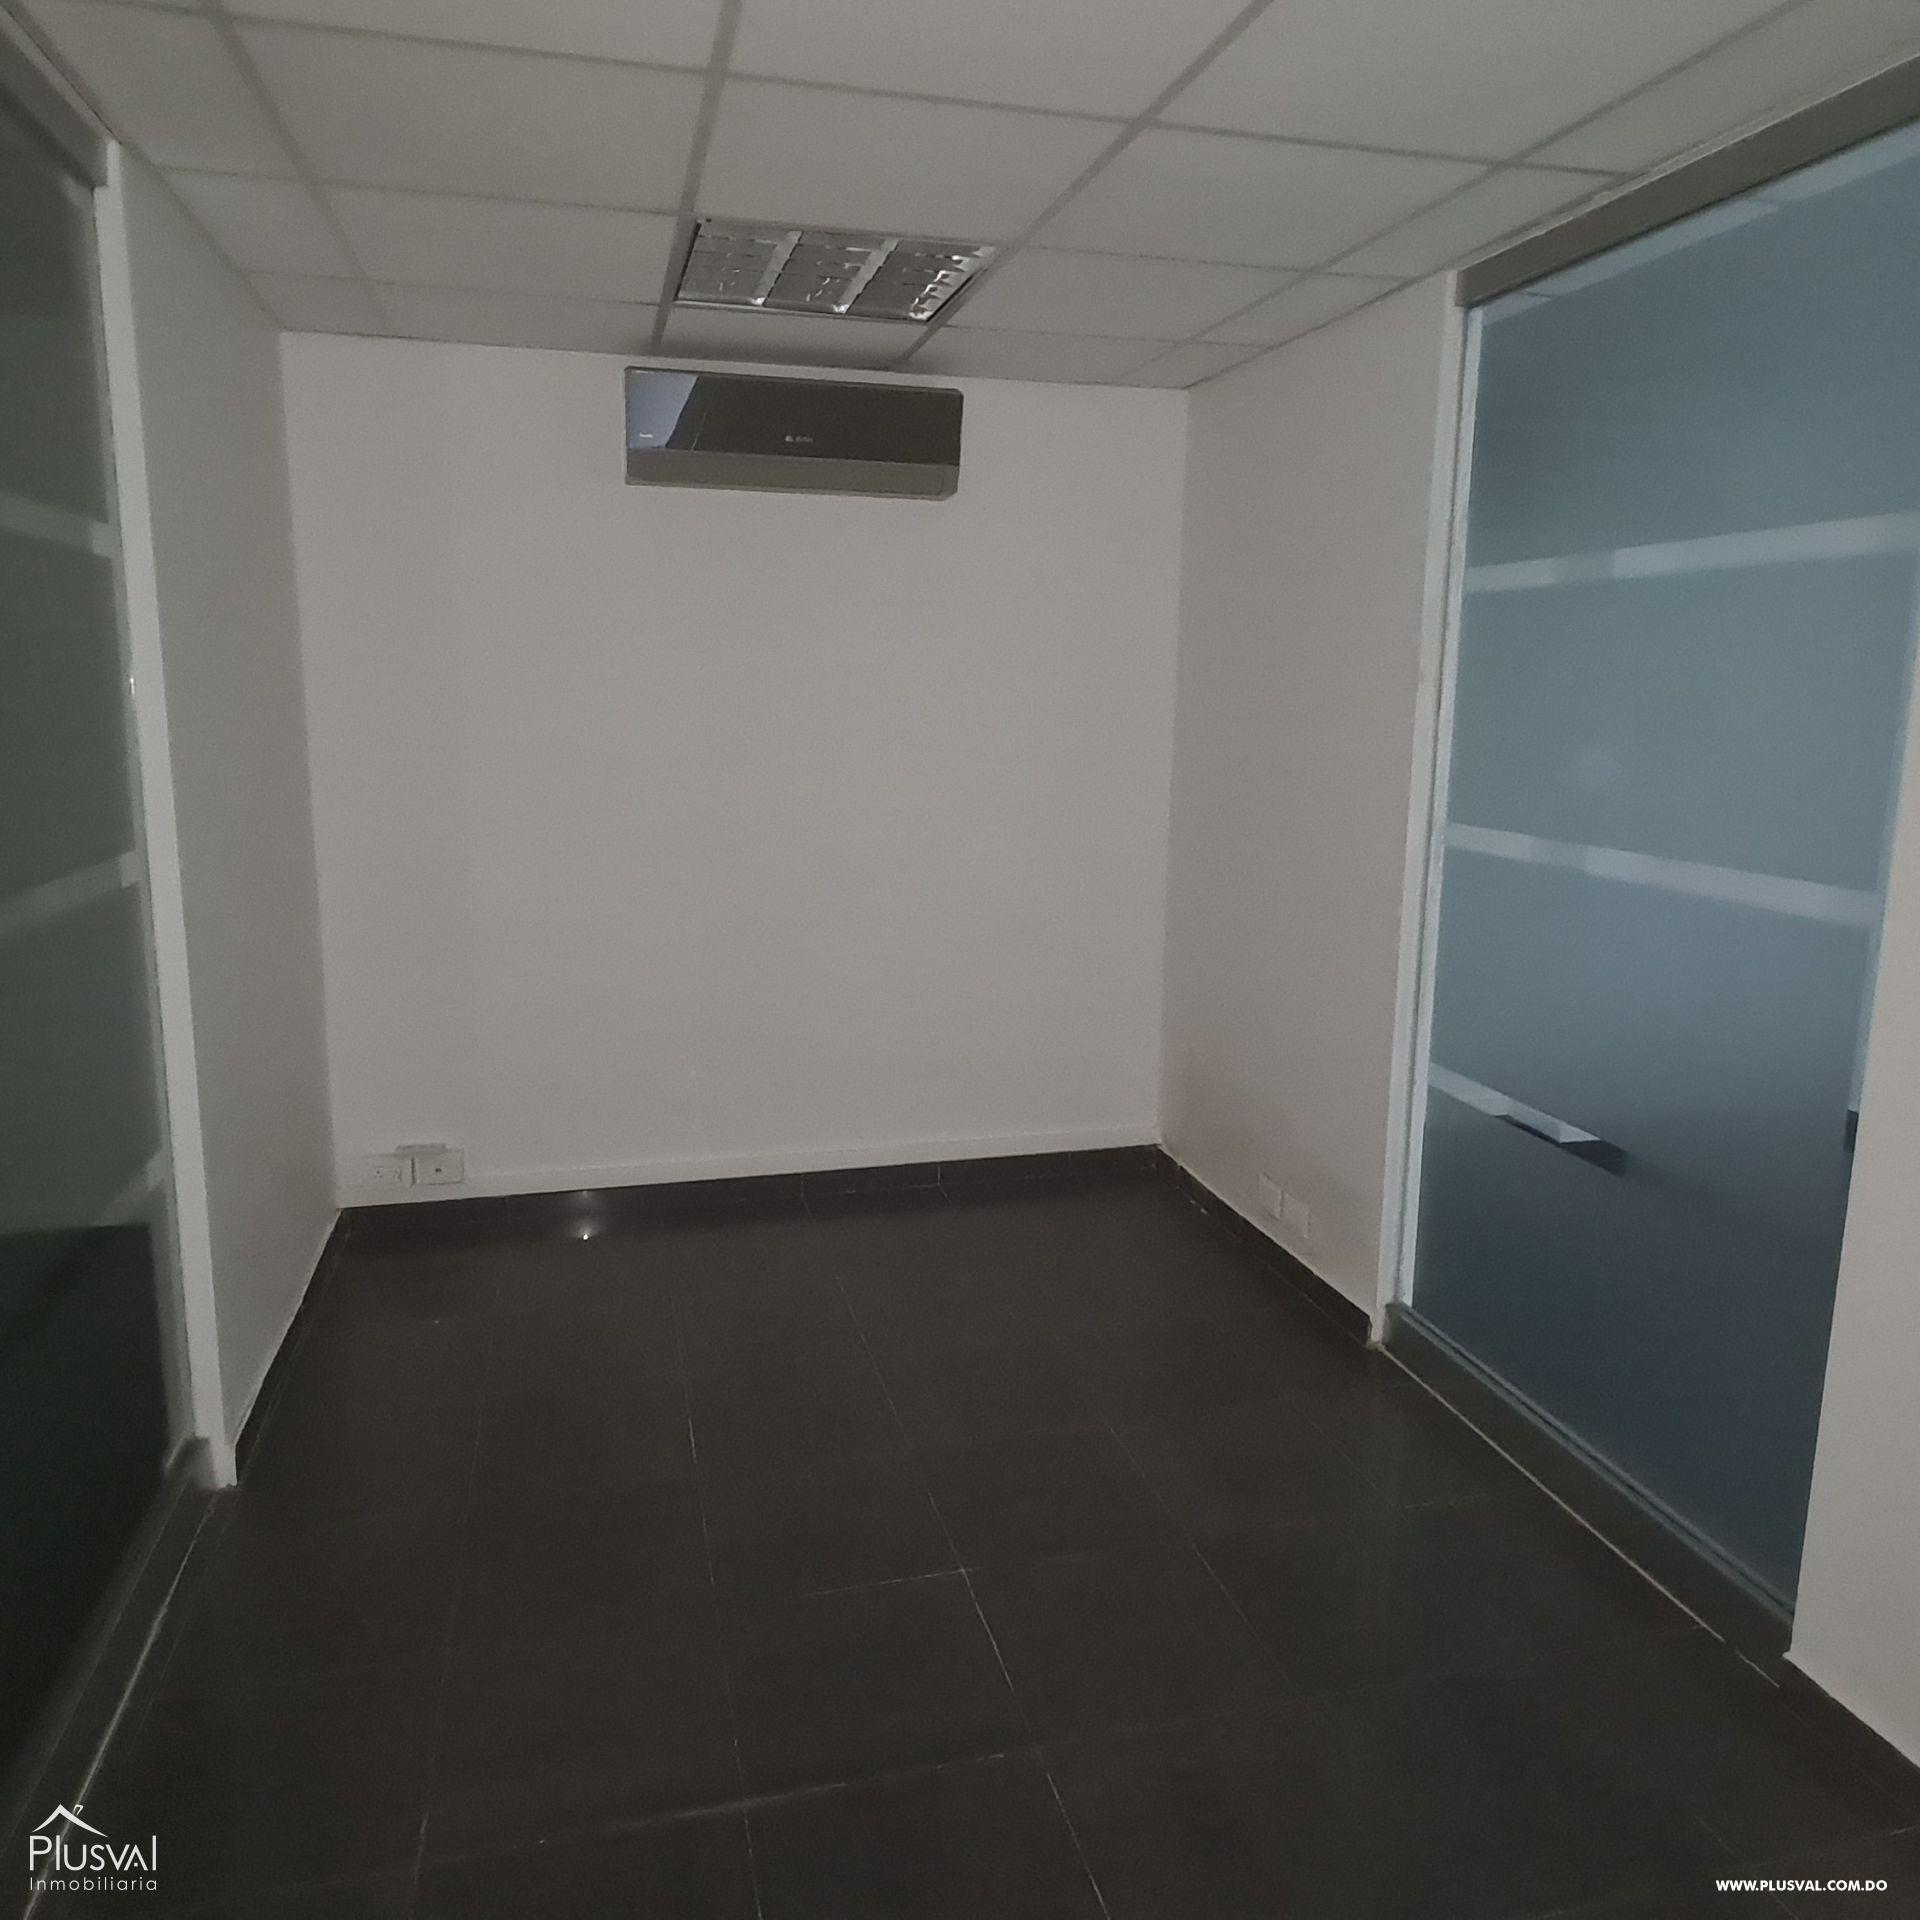 Local de oficinas en alquiler, Naco 188260